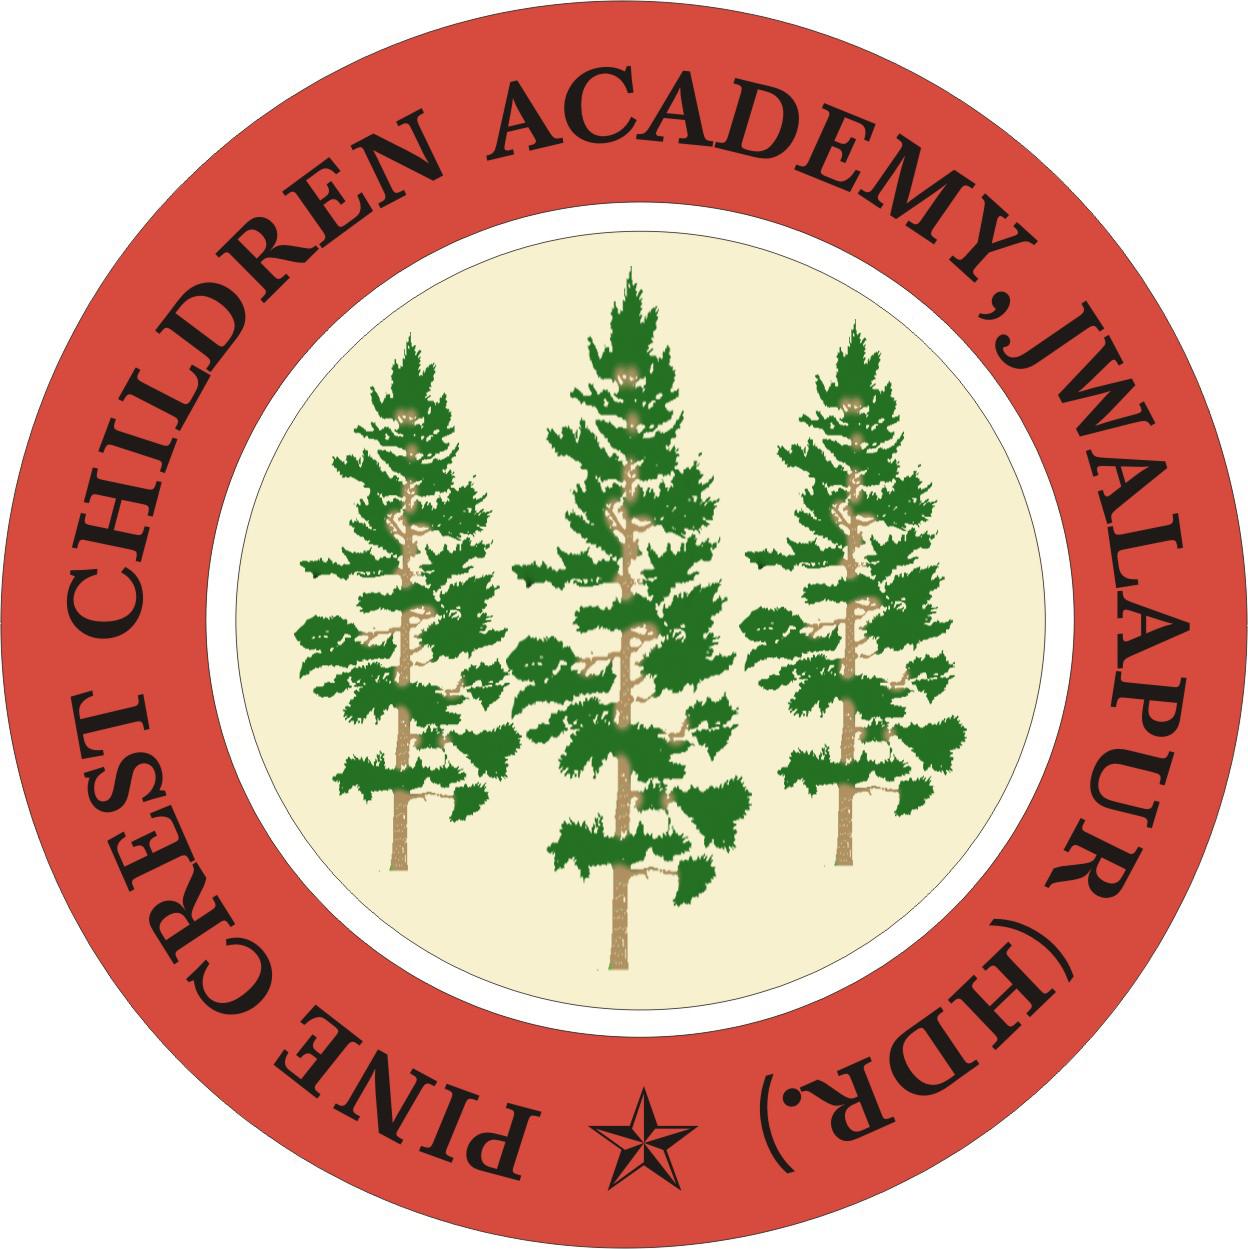 Pine Crest Children Academy